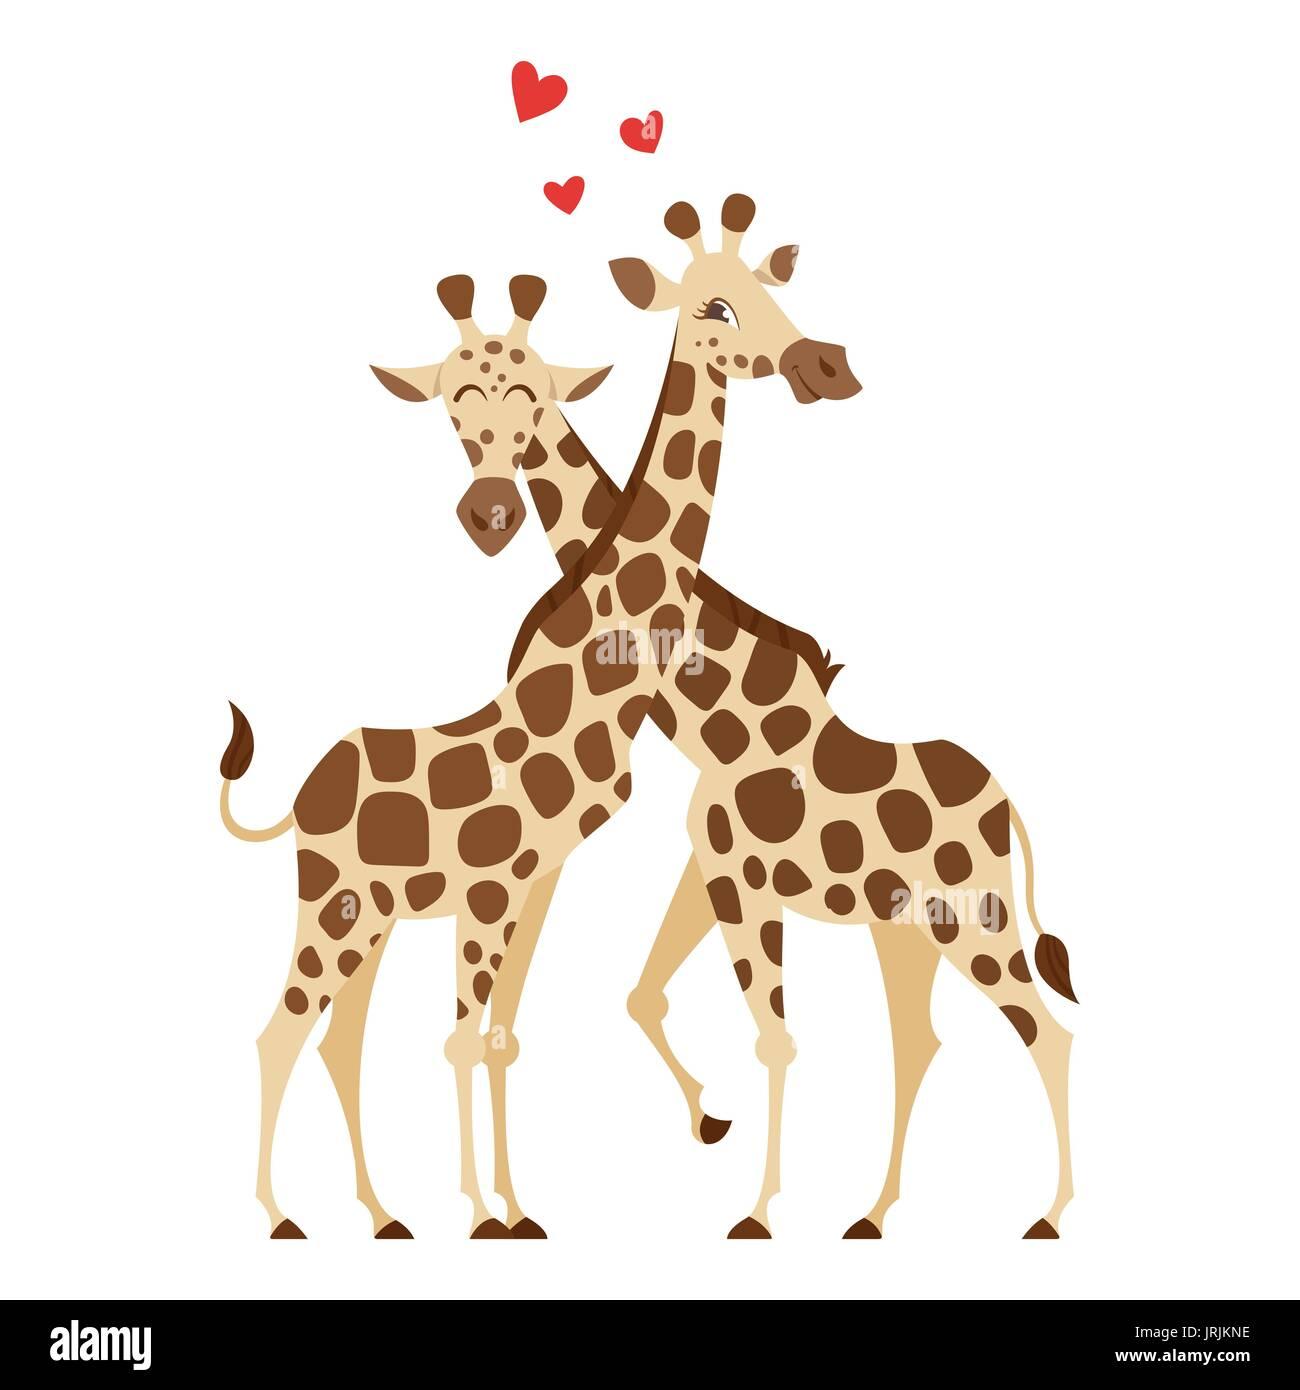 Vettore stile fumetto illustrazione di due giraffe. Isolato su sfondo bianco. Illustrazione Vettoriale